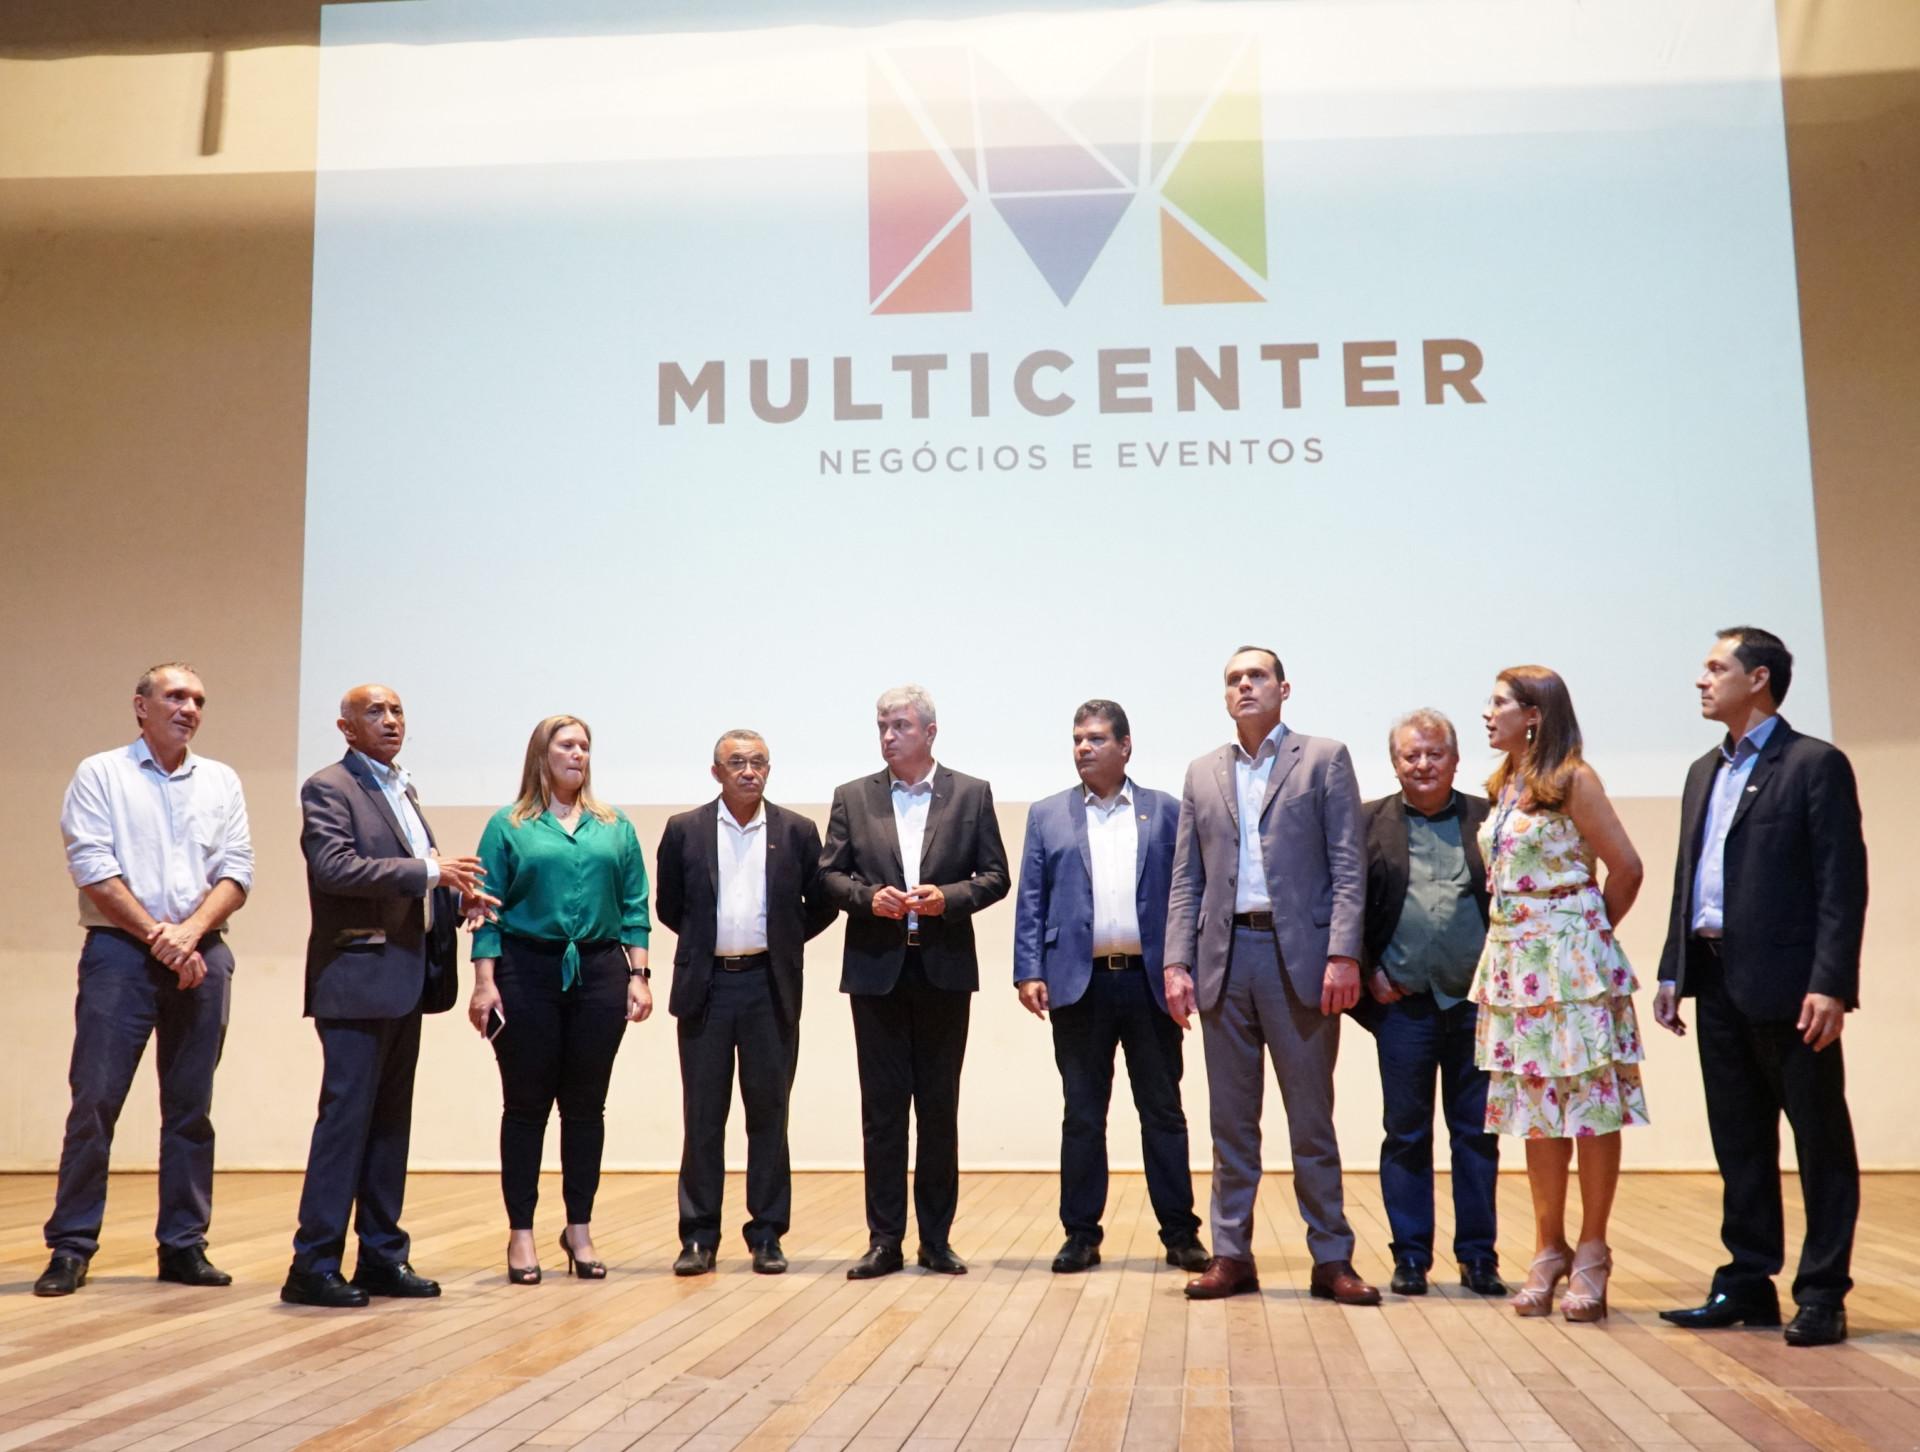 Visita ao complexo Multicenter Negócios e Eventos do Sebrae/MA